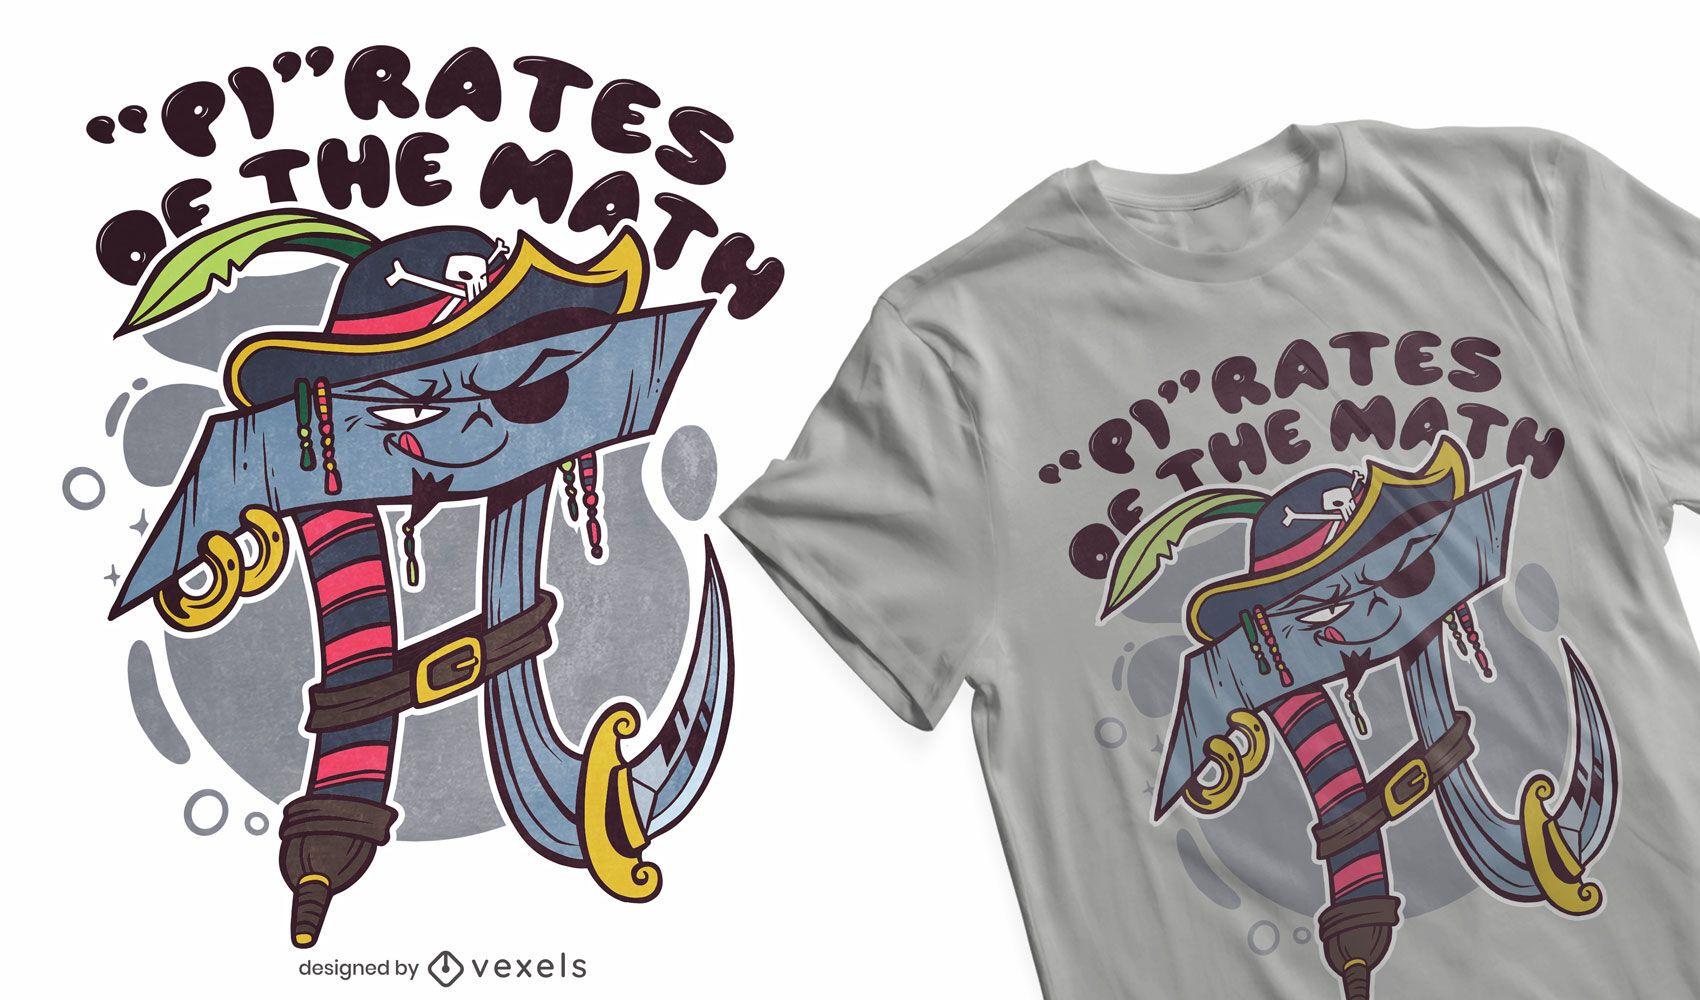 Pi rates t-shirt design